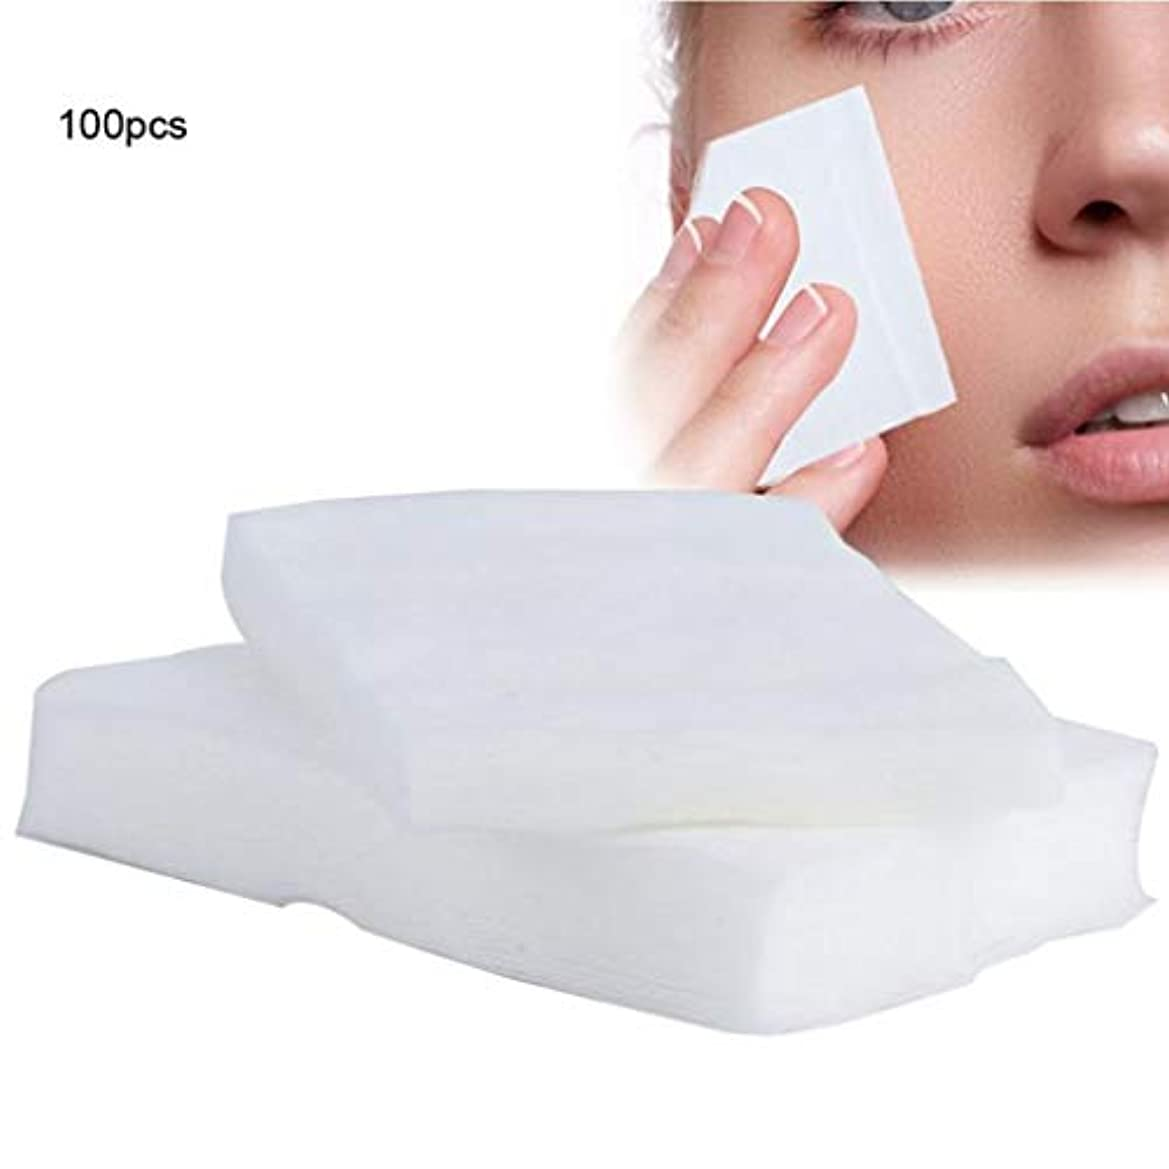 いらいらする上に築きます生き返らせるクレンジングシート 100ピース化粧コットンパッド使い捨て化粧品リムーバーソフトフェイシャルクレンジングワイプペーパータオルメイクアップリムーバーワイプ (Color : White, サイズ : 6*7cm)